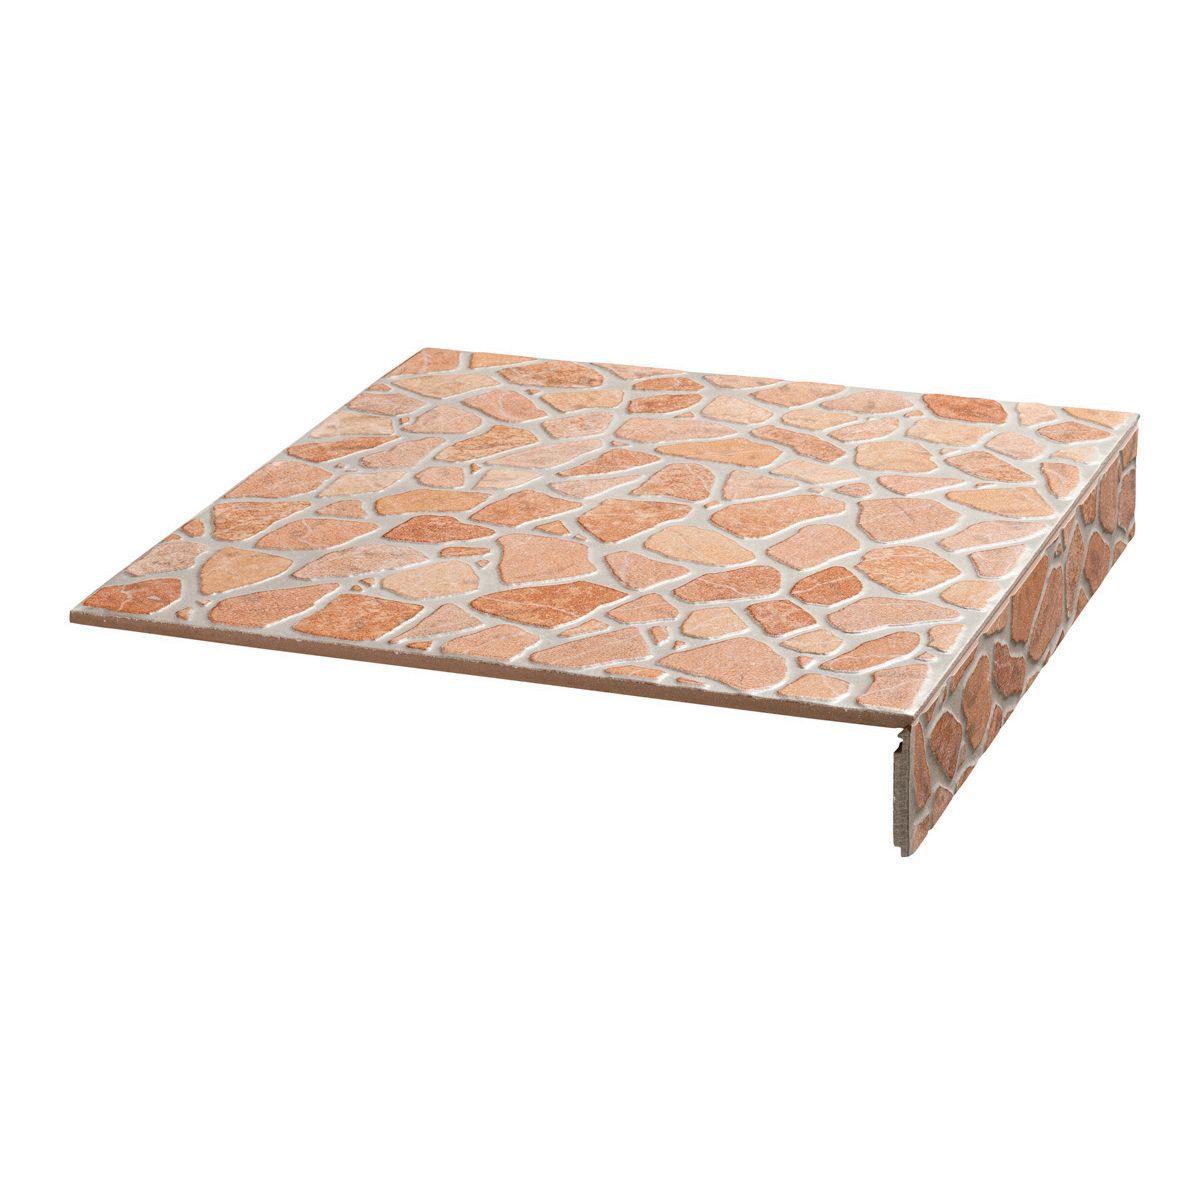 Gradini in cotto per esterno prezzi stunning pavimento in for Scalini in cotto prezzi